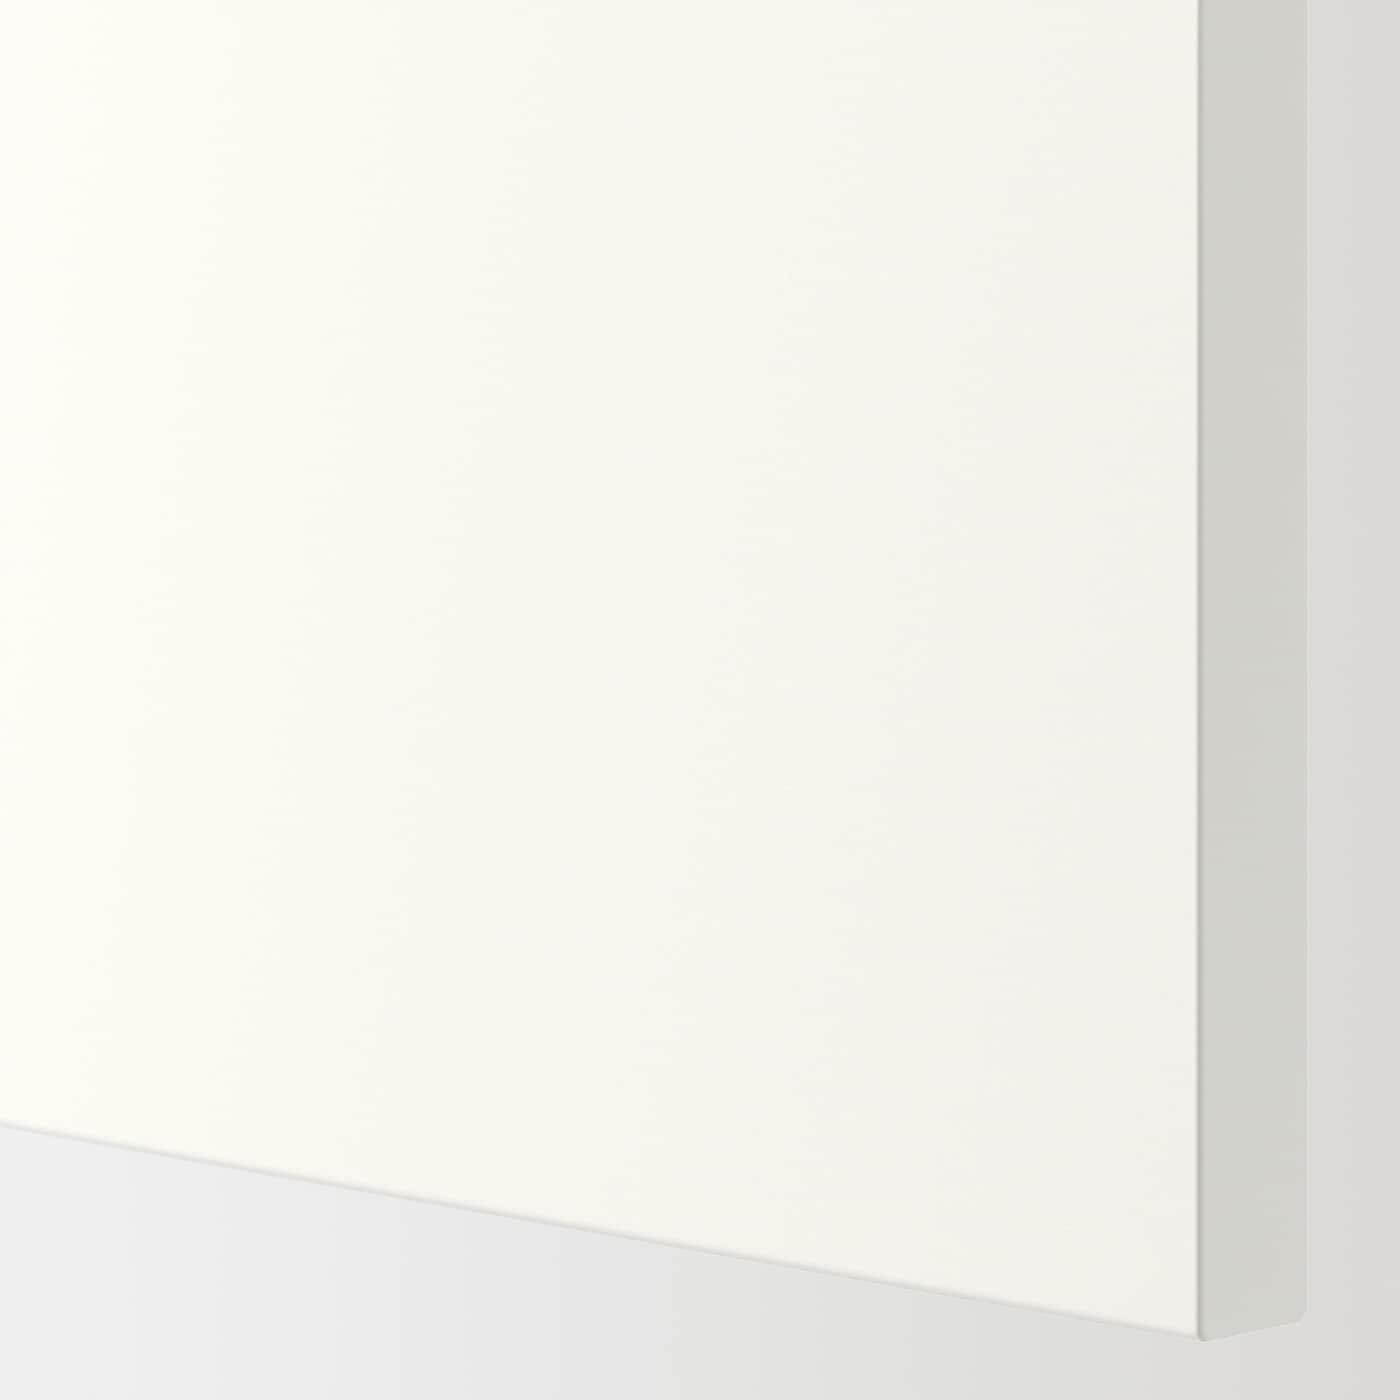 ENHET Usk m hylde/låge, hvid, 60x62x75 cm